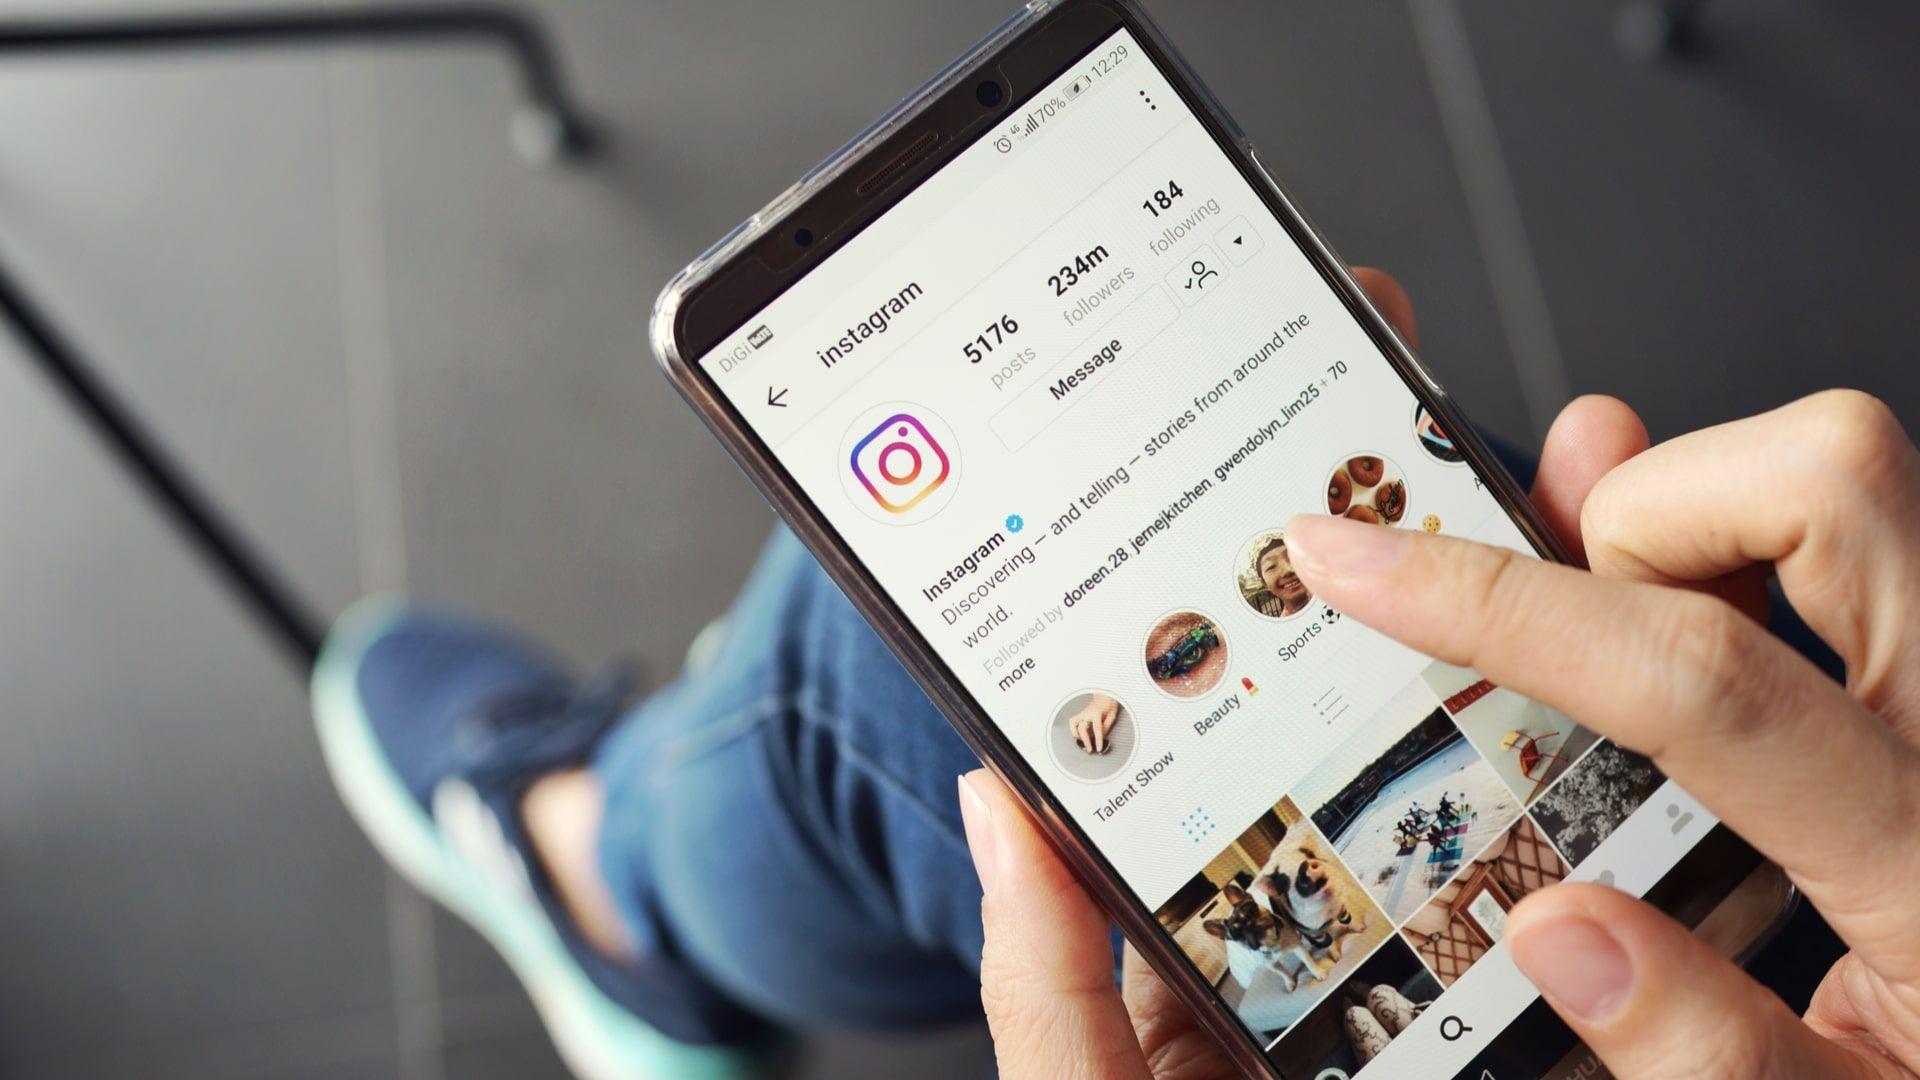 Produzir bons conteúdos é a principal forma de ganhar seguidores no Instagram (Foto: Shutterstock)